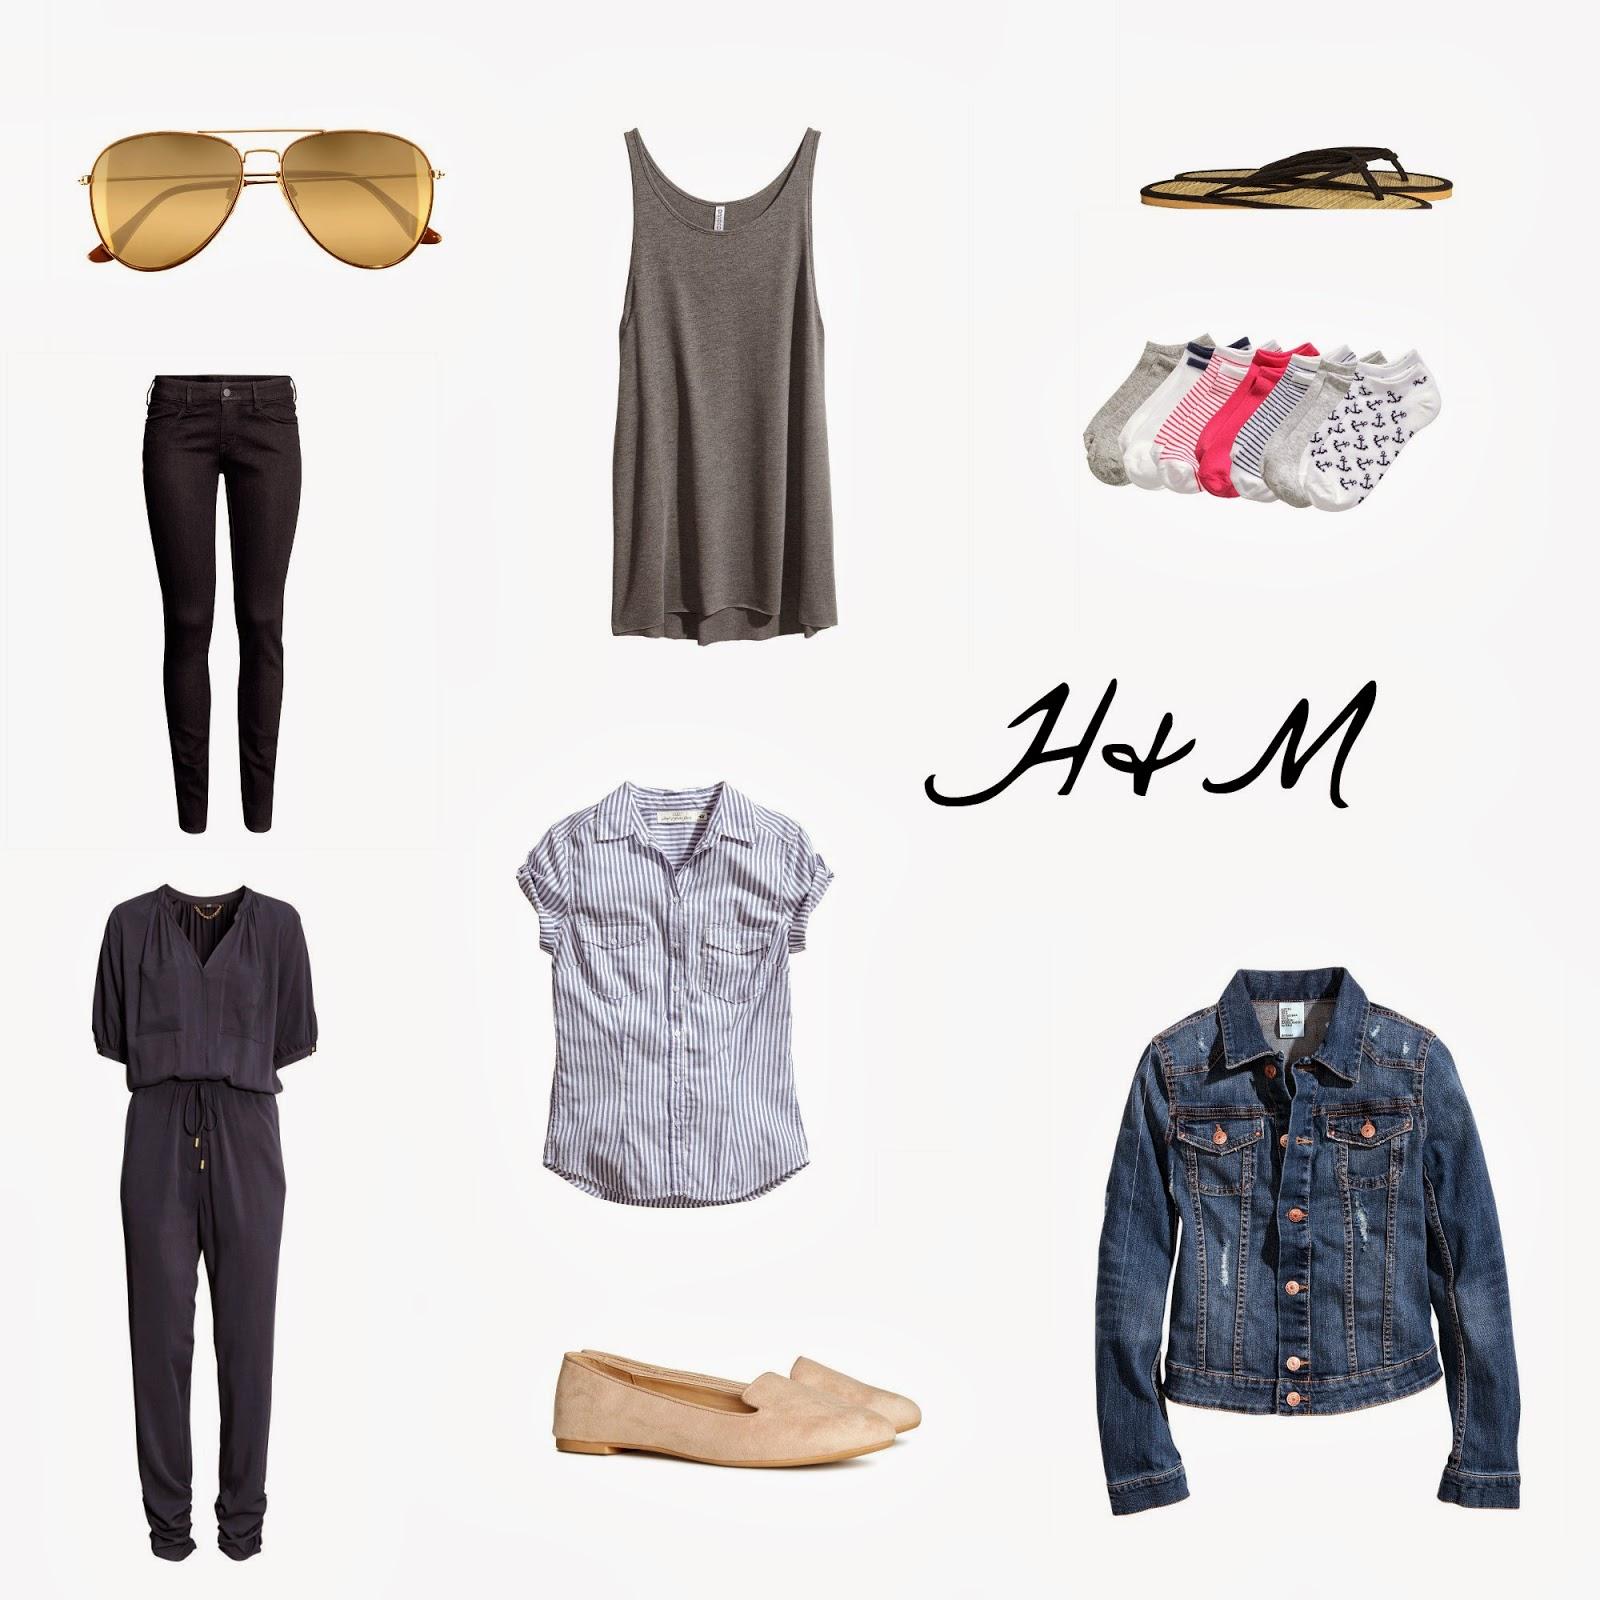 895be929fd H&M nálam nagy kedvenc, több egyszerű darabot néztem ki magamnak. Állandó  dzsekiproblémám van, ha csoda történik, akkor találok megfelelőt a Hádában,  ...